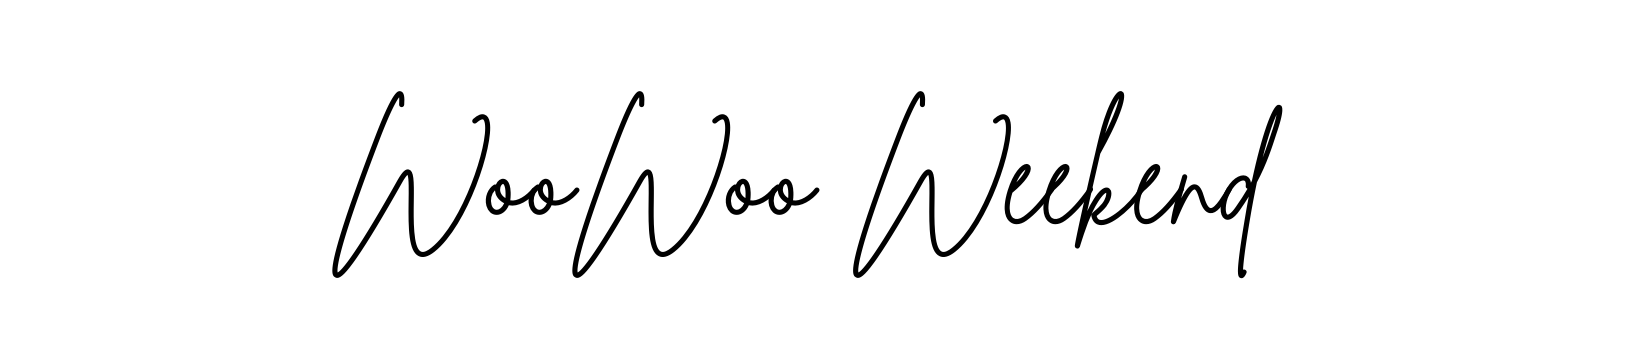 WooWoo Weekend workshop